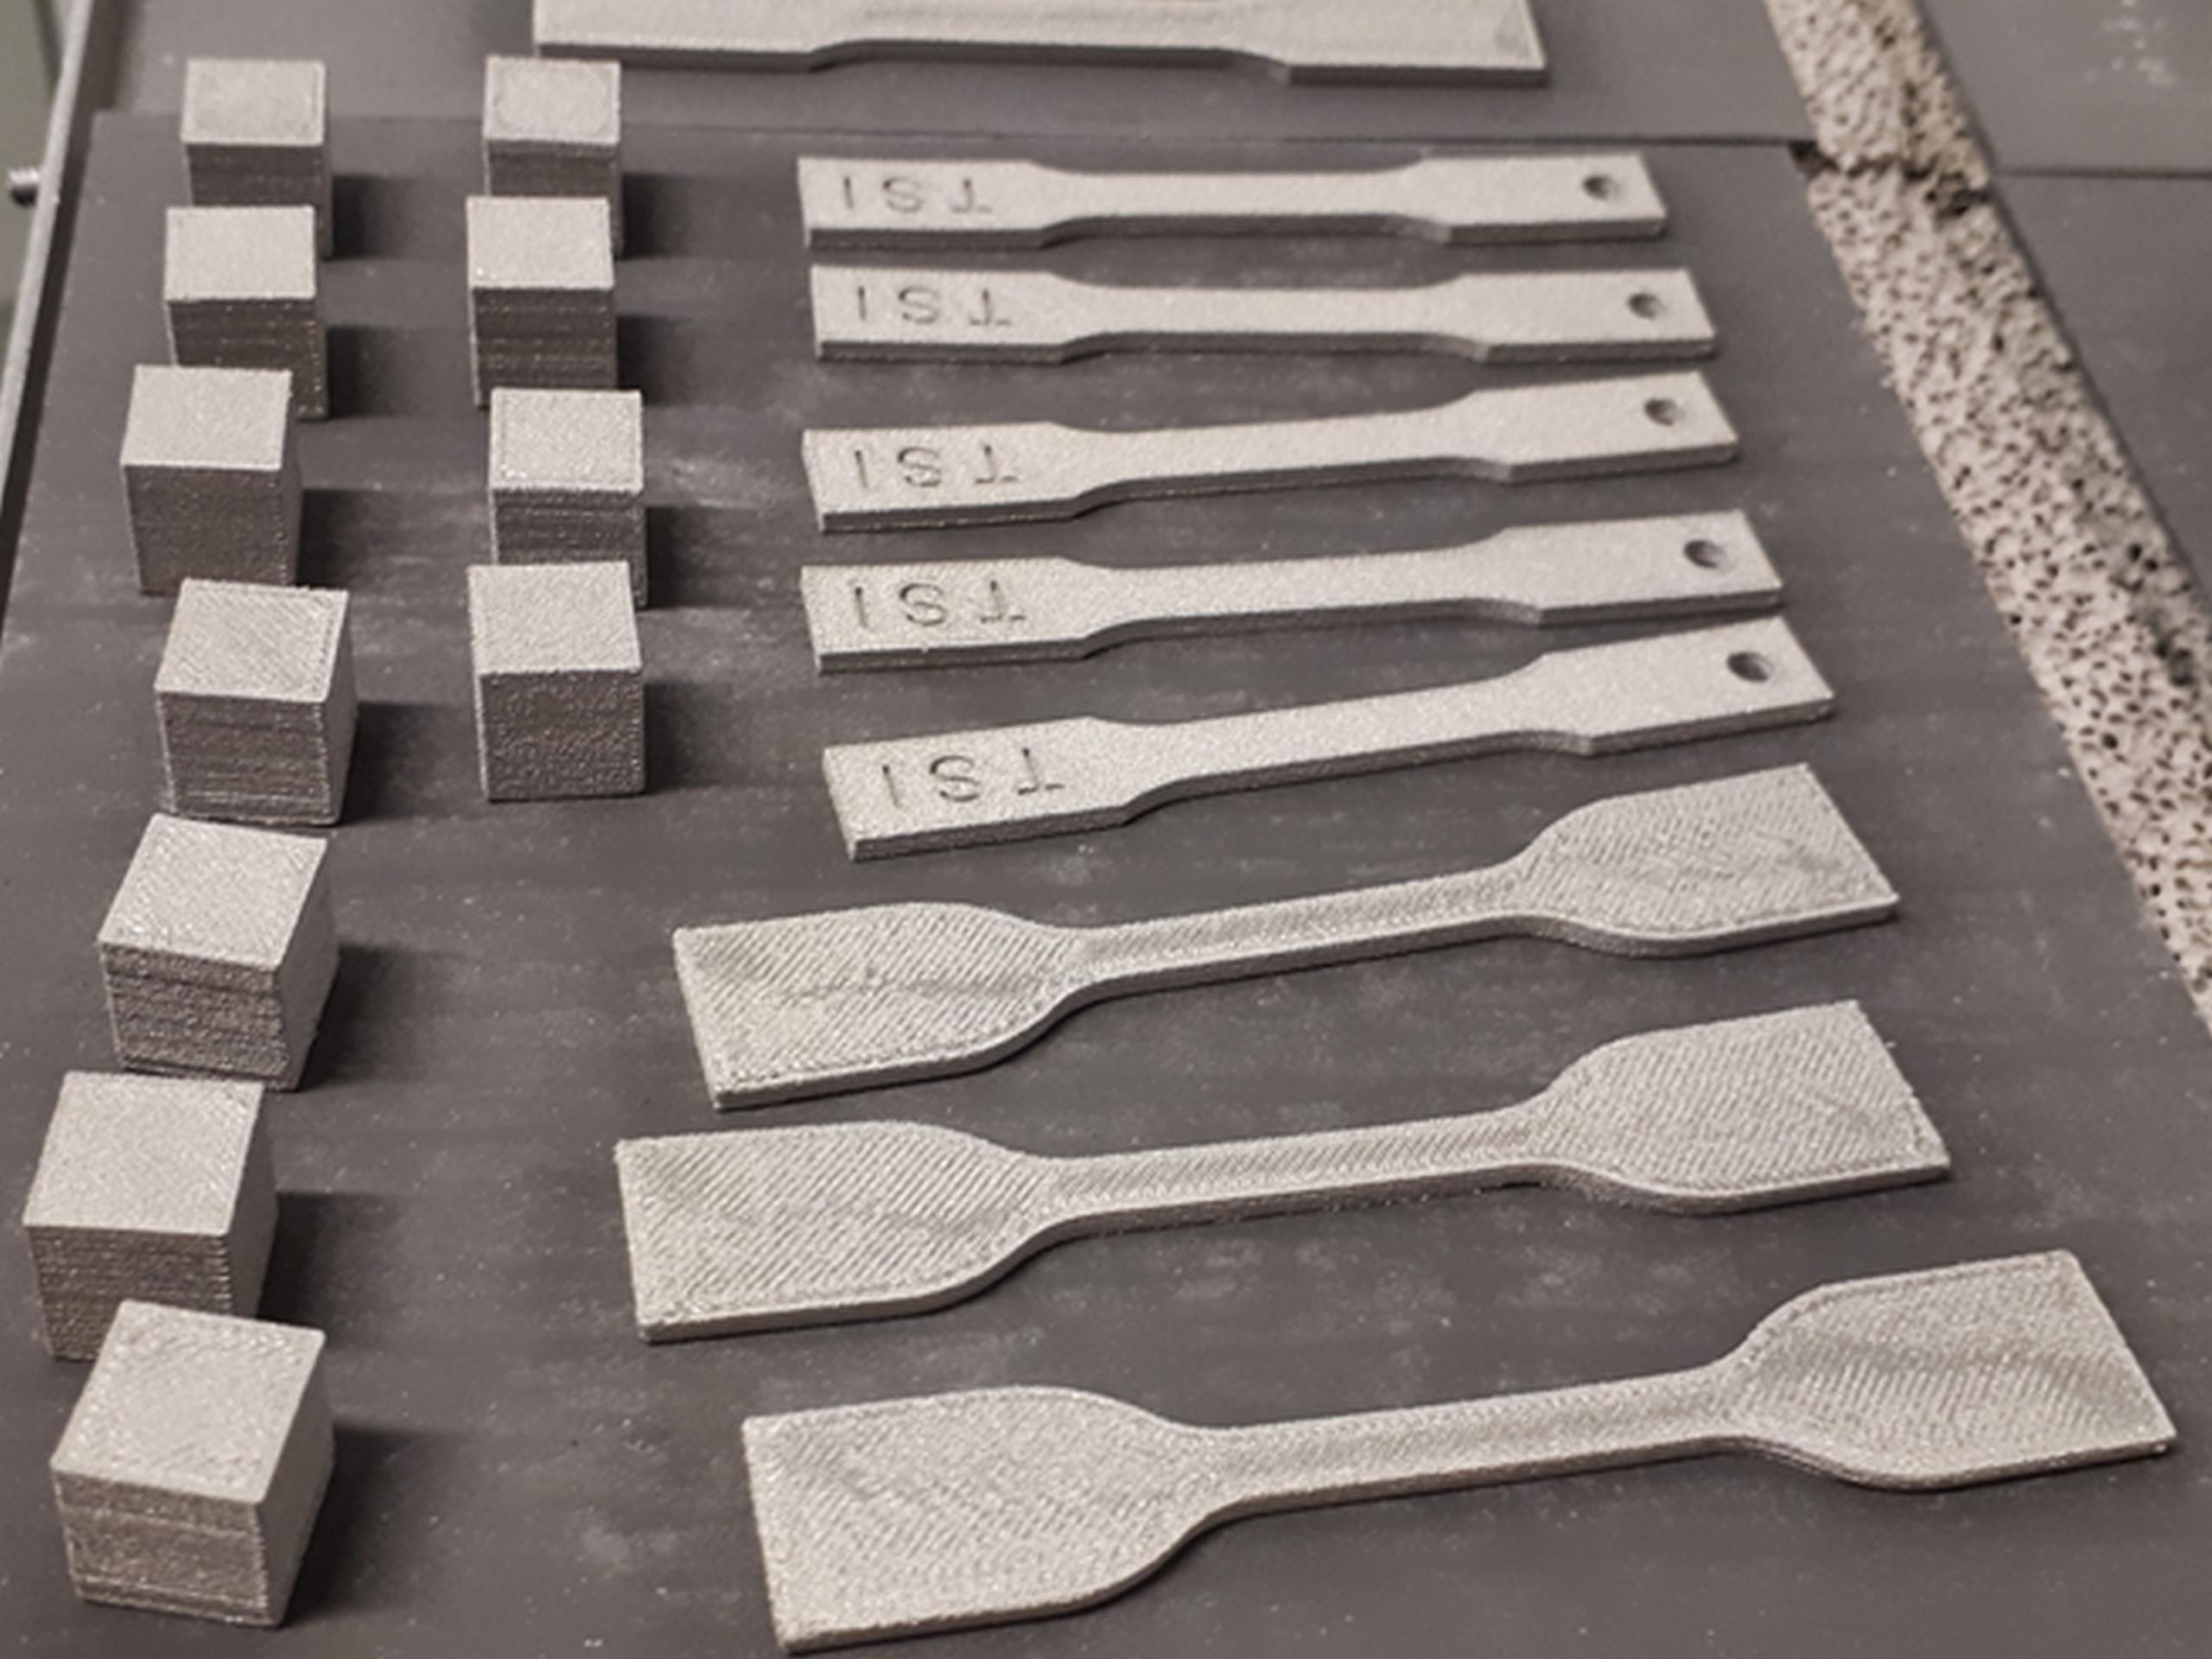 3D printed Test specimens